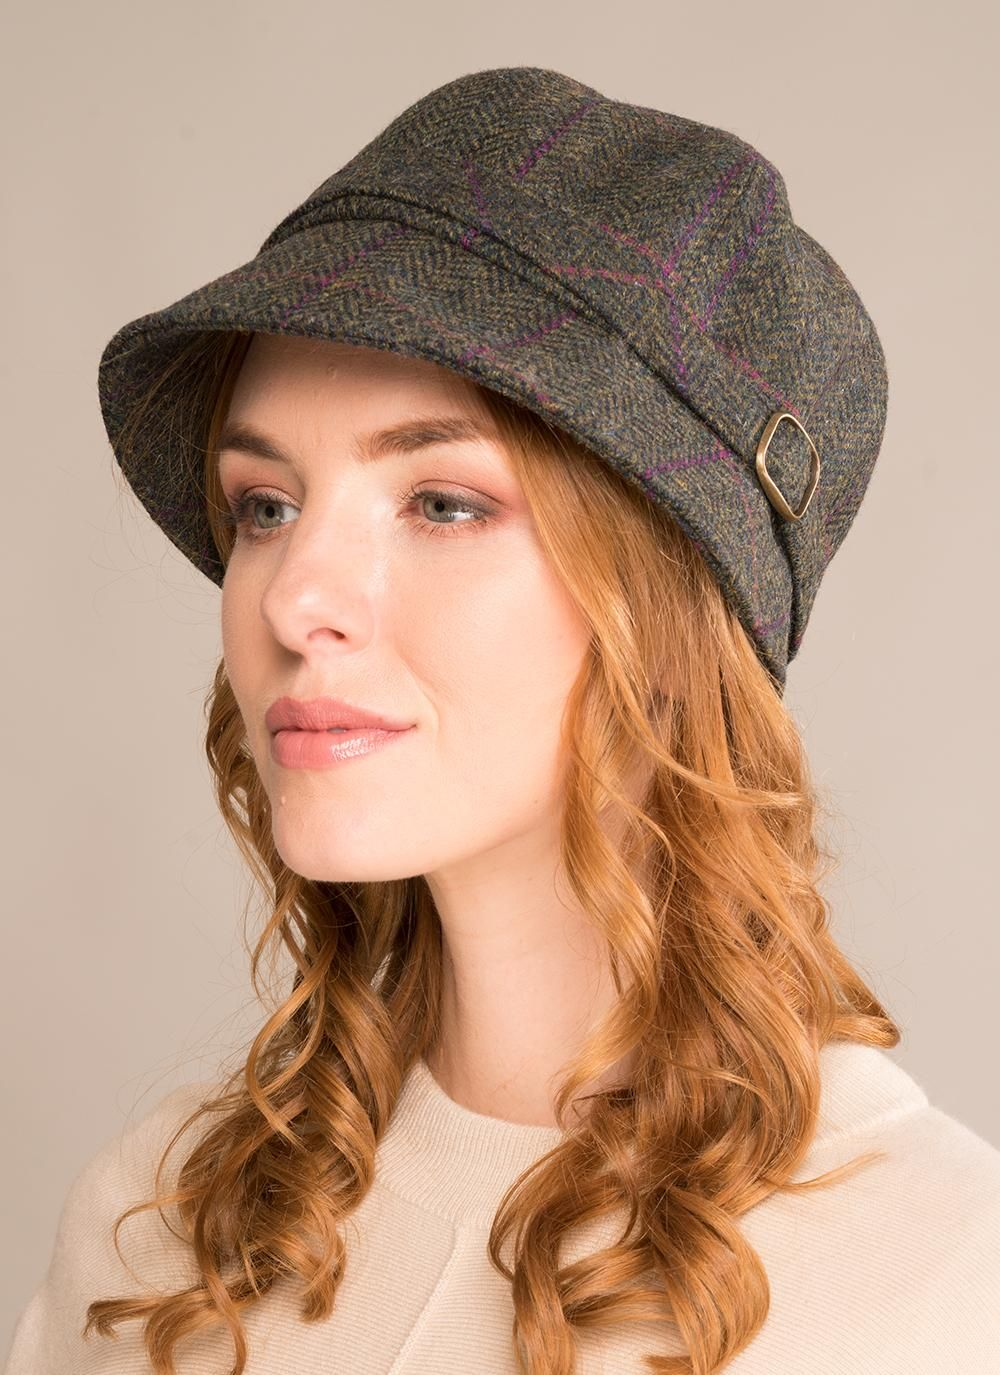 32fd5ad9b8d842 Flapper Hat Green Highland Tweed | Irish in 2019 | Hats, Flapper hat ...